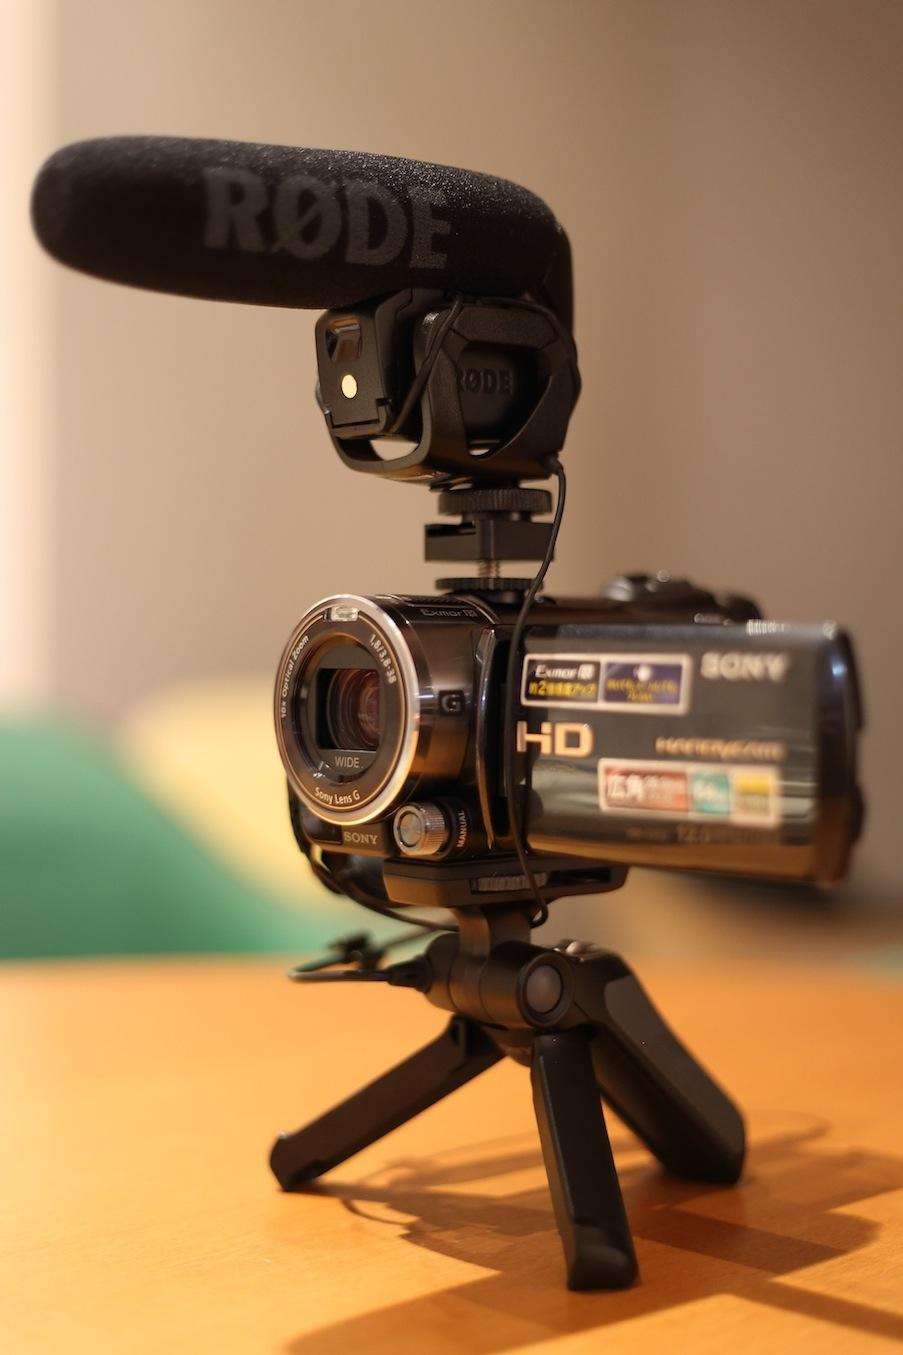 ソニー ハンディカム 変換 シュー SONY Handycam_d0081605_444256.jpg